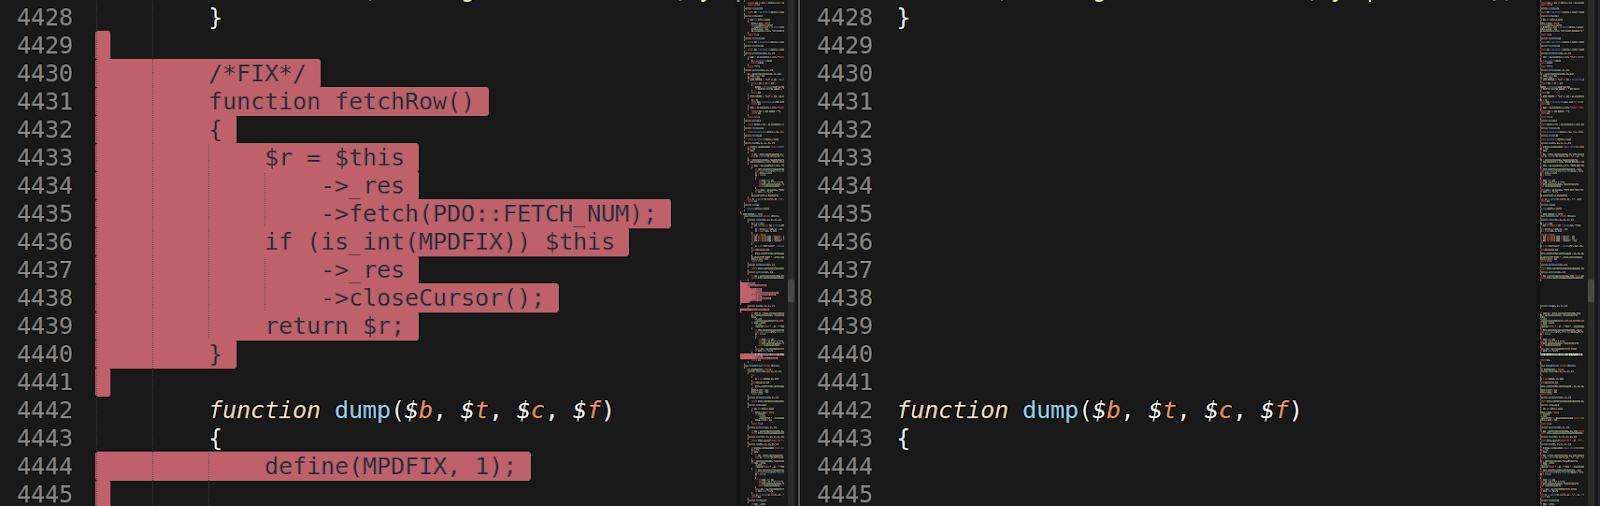 SQL defect fixes